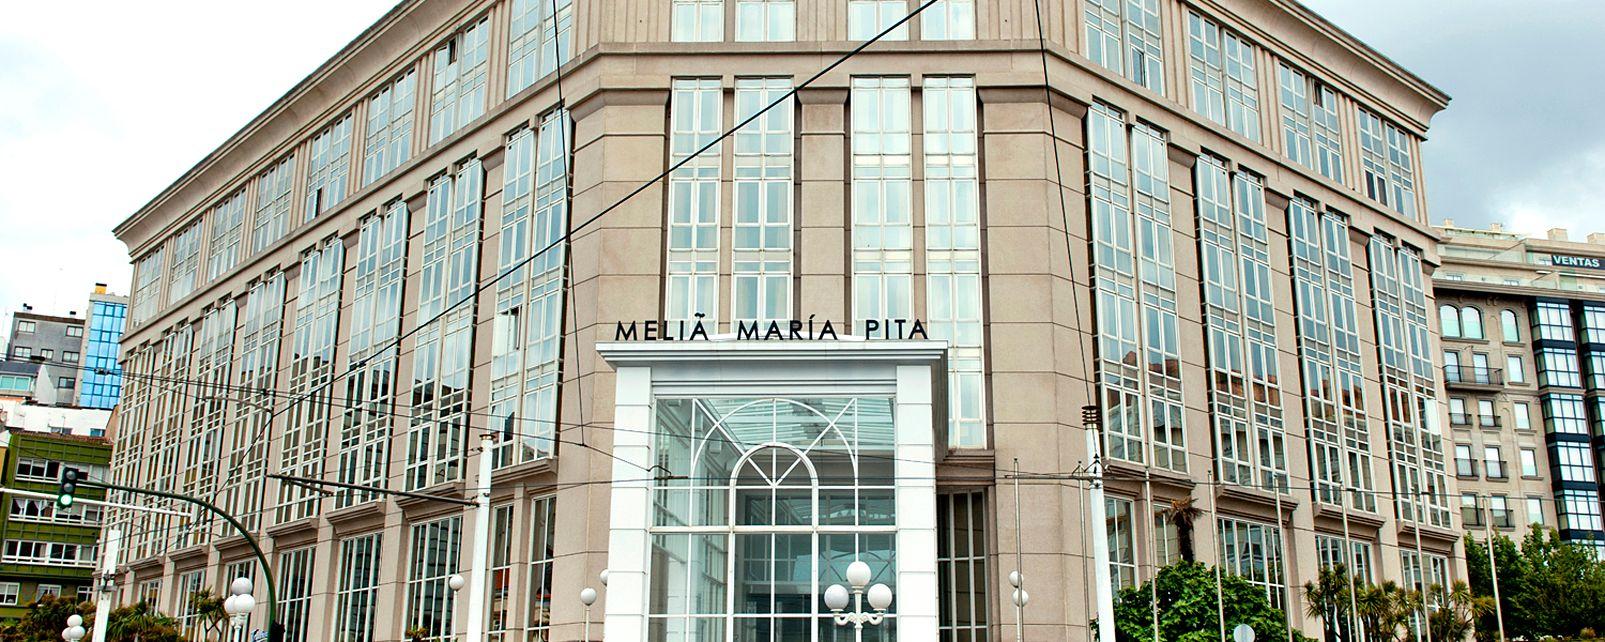 Hôtel MELIA MARIA PITA